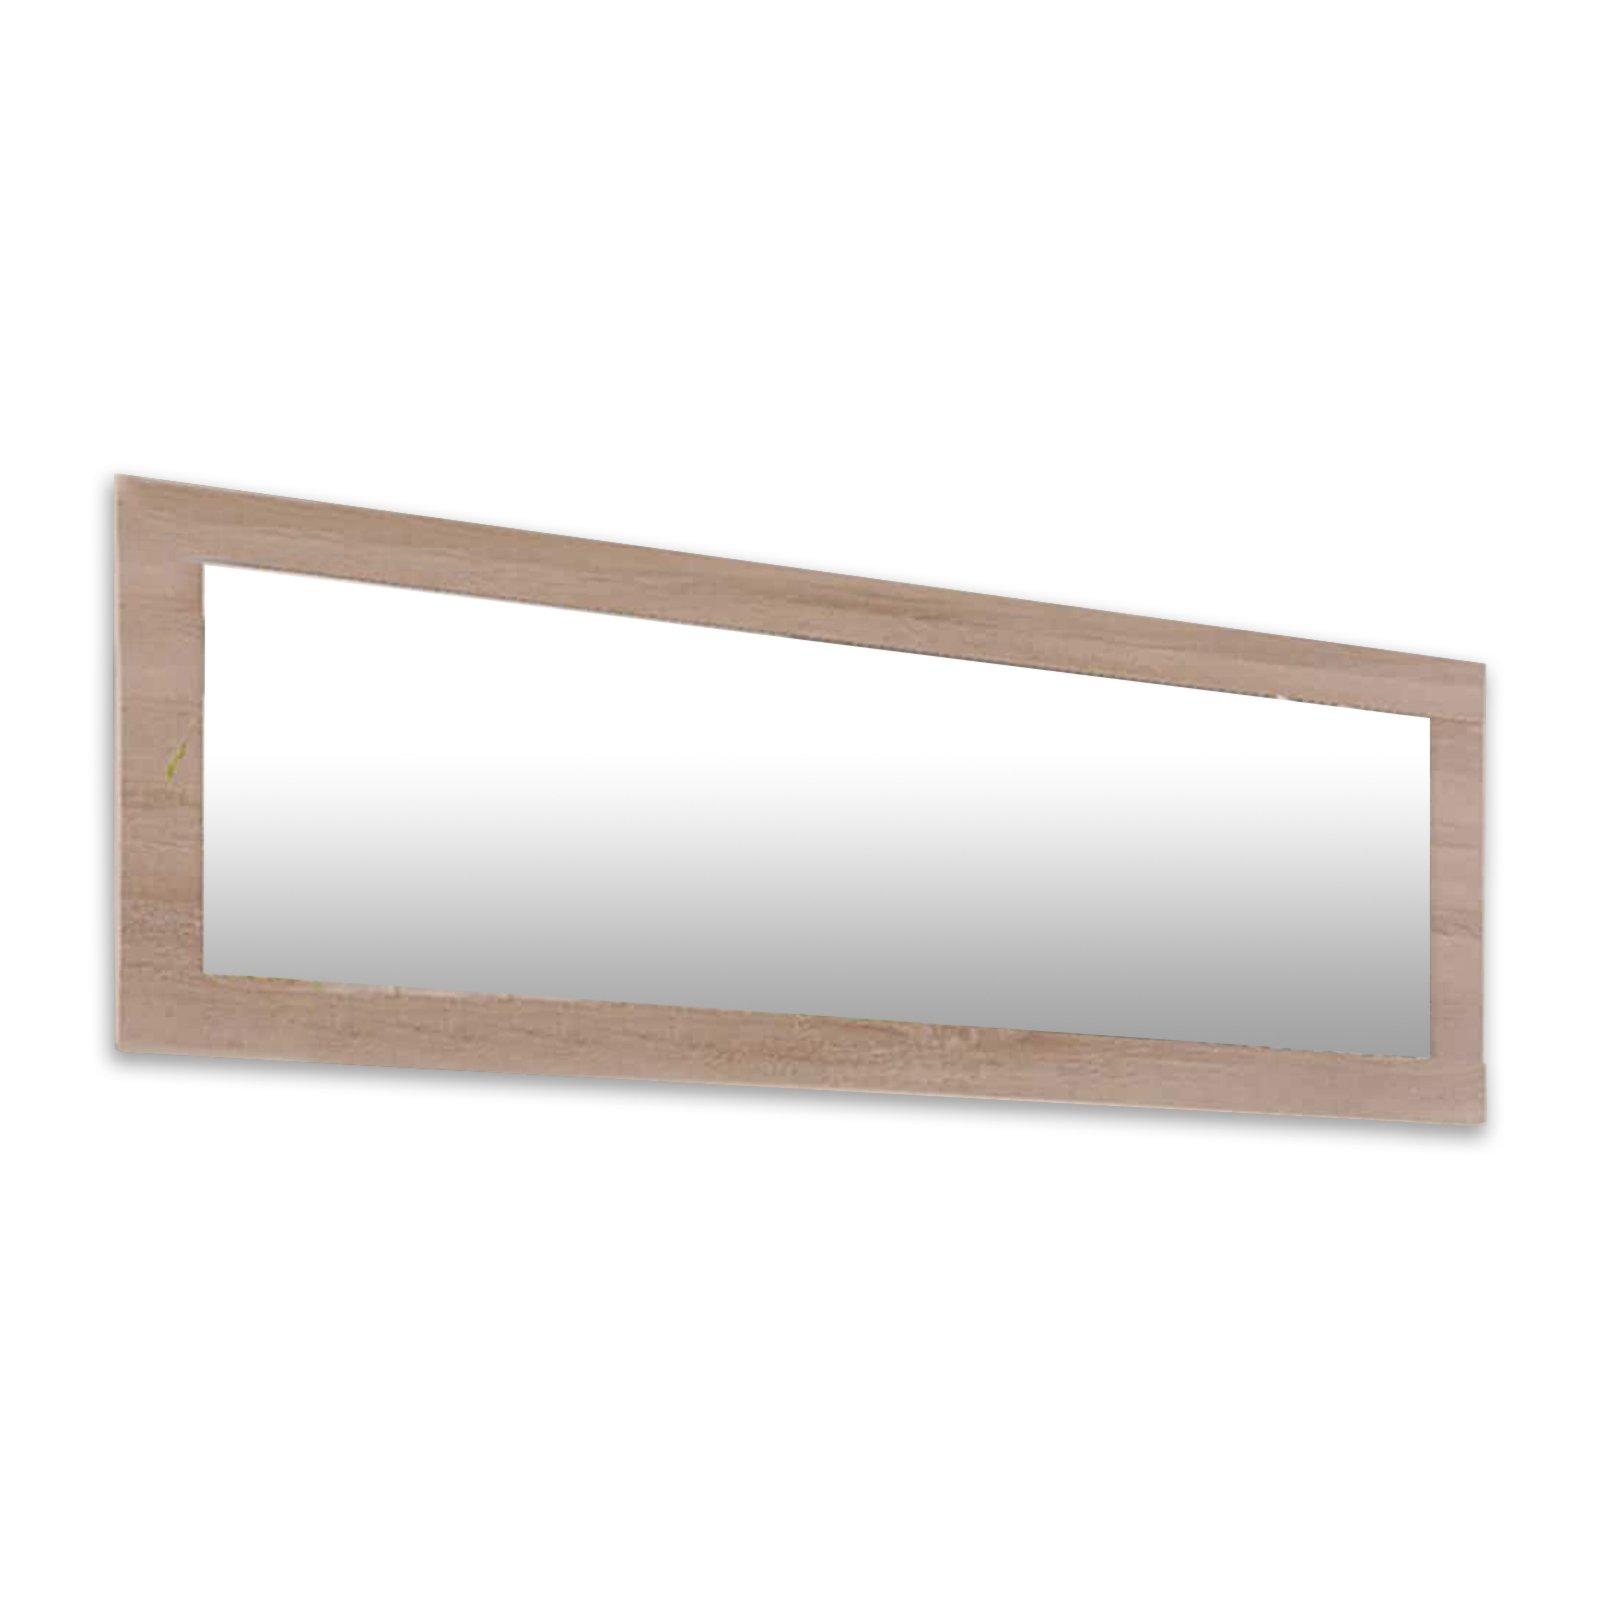 spiegel boom sonoma eiche wandspiegel wandspiegel spiegel deko haushalt roller. Black Bedroom Furniture Sets. Home Design Ideas